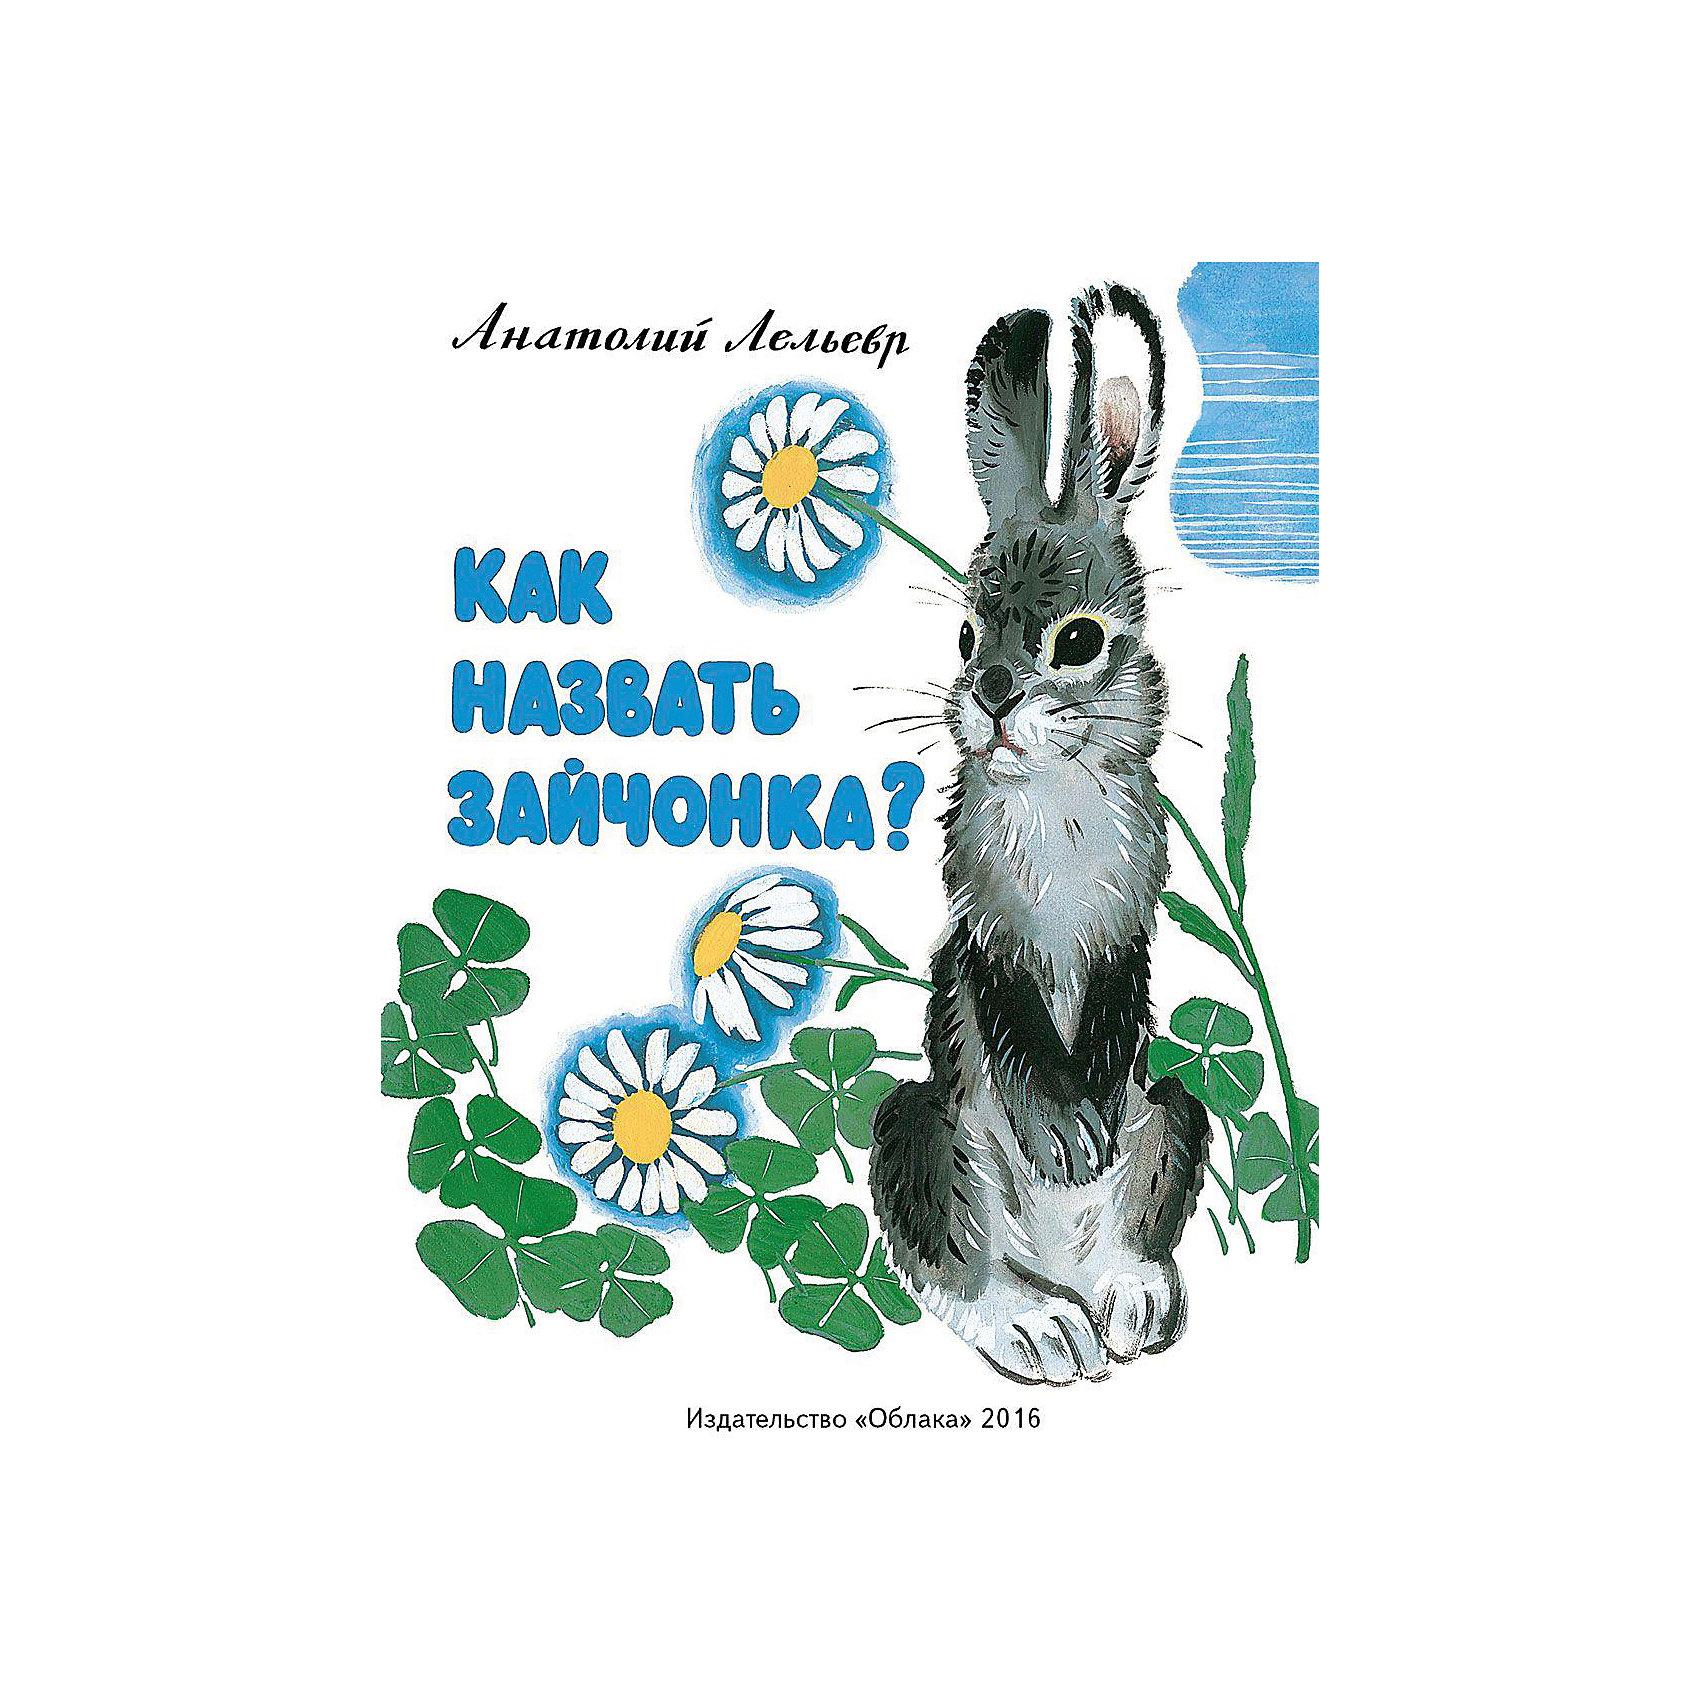 Как назвать зайчонка?, А. ЛельеврСказки, рассказы, стихи<br>Как назвать зайчонка?, А. Лельевр - это сборник небольших, поучительных сказок.<br>В книге «Как назвать зайчонка?» собраны три веселых и поучительных сказки, написанных известным писателем Анатолием Владимировичем Лельевром. Первая сказка - о маме-зайчихе, которая долго выбирала имя для своего сынишки, и три раза это имя меняла. Вторая история - о добром и щедром зайце, разделившем вкуснейший калач с другими зверями. Третья, о хитром хорьке, нарядившемся волком, и заставившем весь лесной люд работать на себя. И только глазастый заяц разоблачил обманщика. Сказки мягко и ненавязчиво учат детей честности и доброте. Красочные иллюстрации к книге выполнены членом Московского Союза Художников Манухиным Ярославом Николаевичем. Для чтения взрослыми детям.<br><br>Дополнительная информация:<br><br>- Автор: Лельевр Анатолий Владимирович<br>- Художник: Манухин Ярослав Николаевич<br>- Издательство: Облака, 2016 г.<br>- Тип обложки: мягкий переплет (крепление скрепкой или клеем)<br>- Иллюстрации: цветные<br>- Количество страниц: 20 (офсет)<br>- Размер: 275x217x3 мм.<br>- Вес: 110 гр.<br><br>Книгу Как назвать зайчонка?, А. Лельевр можно купить в нашем интернет-магазине.<br><br>Ширина мм: 217<br>Глубина мм: 3<br>Высота мм: 275<br>Вес г: 110<br>Возраст от месяцев: -2147483648<br>Возраст до месяцев: 2147483647<br>Пол: Унисекс<br>Возраст: Детский<br>SKU: 4916599